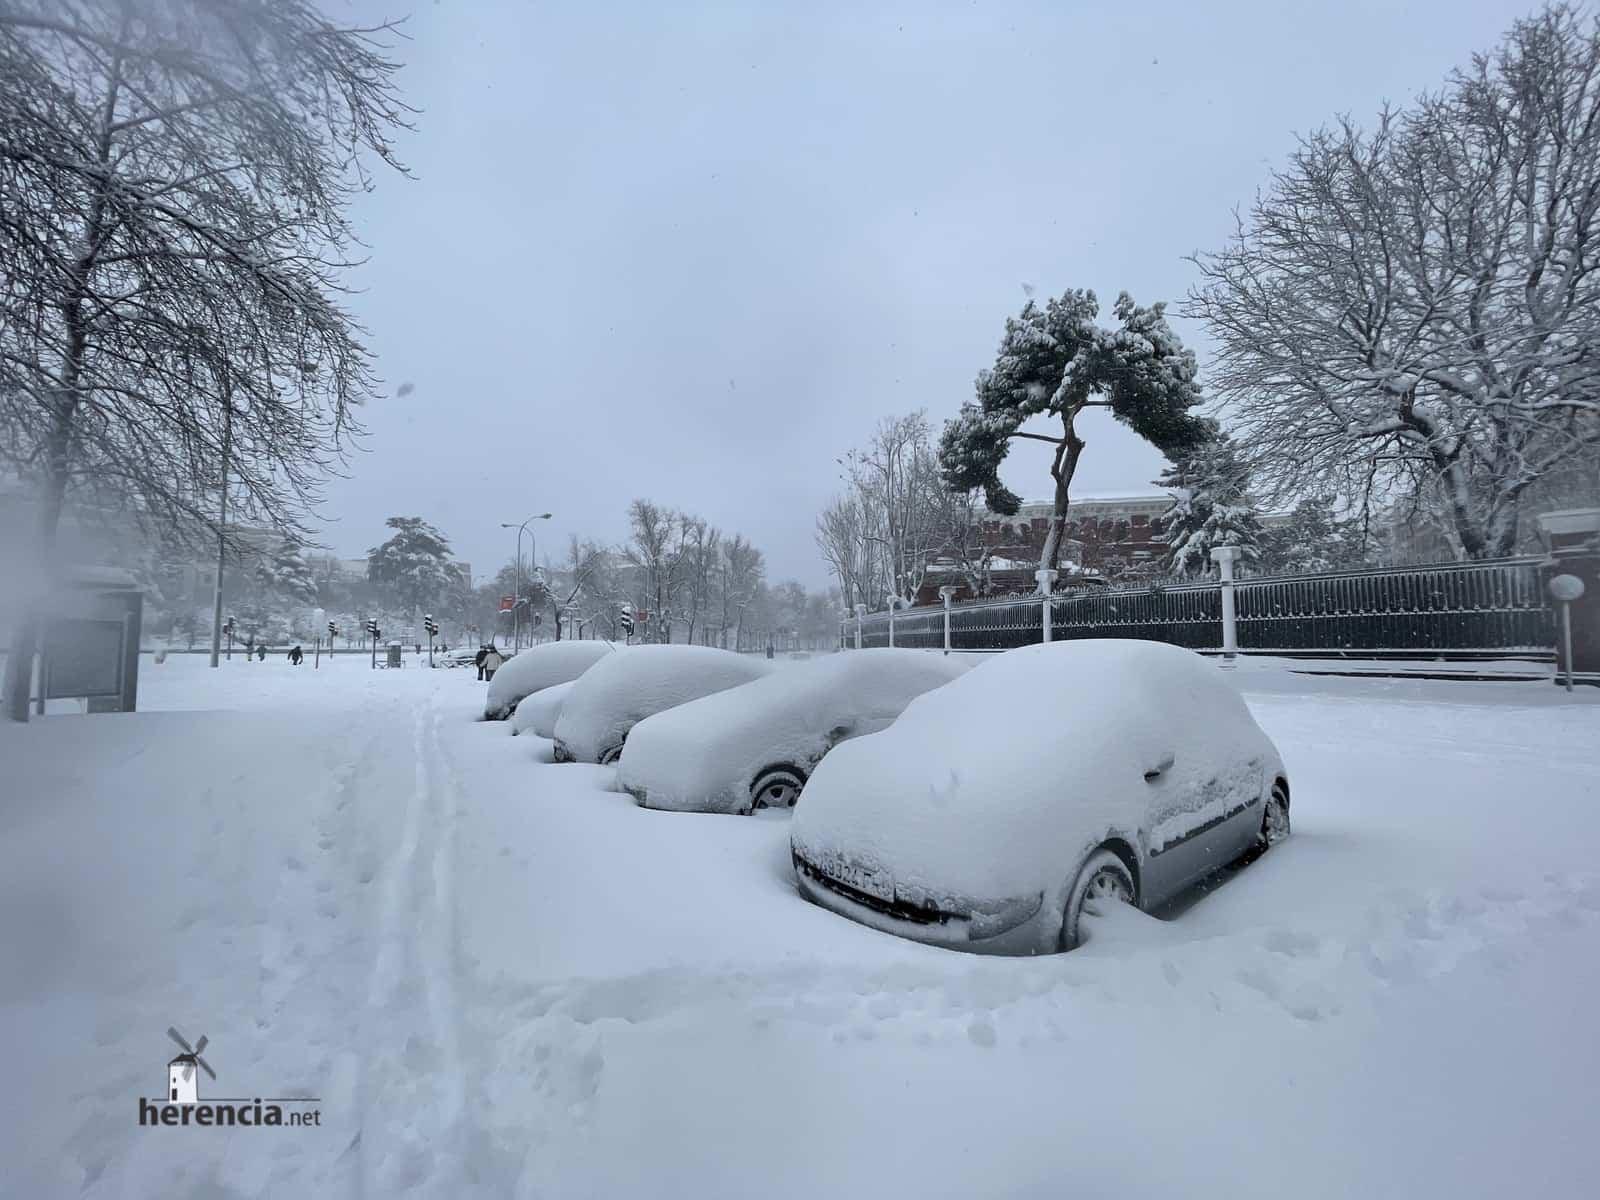 Más fotografías de las nieves de 2021 en Herencia 160